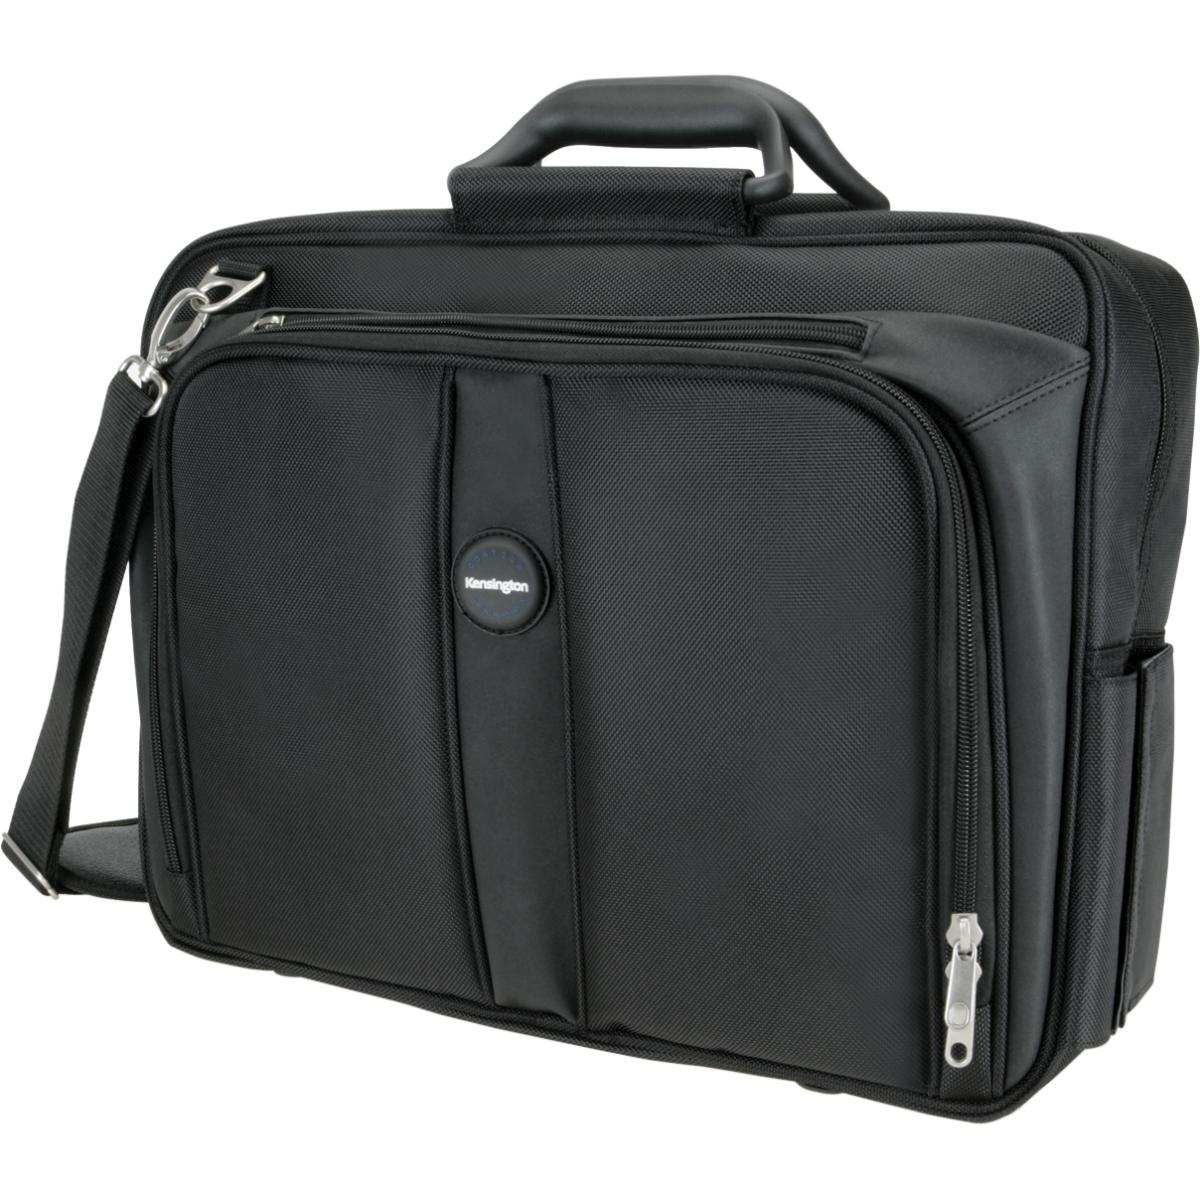 Notebook Bags & Sleeves